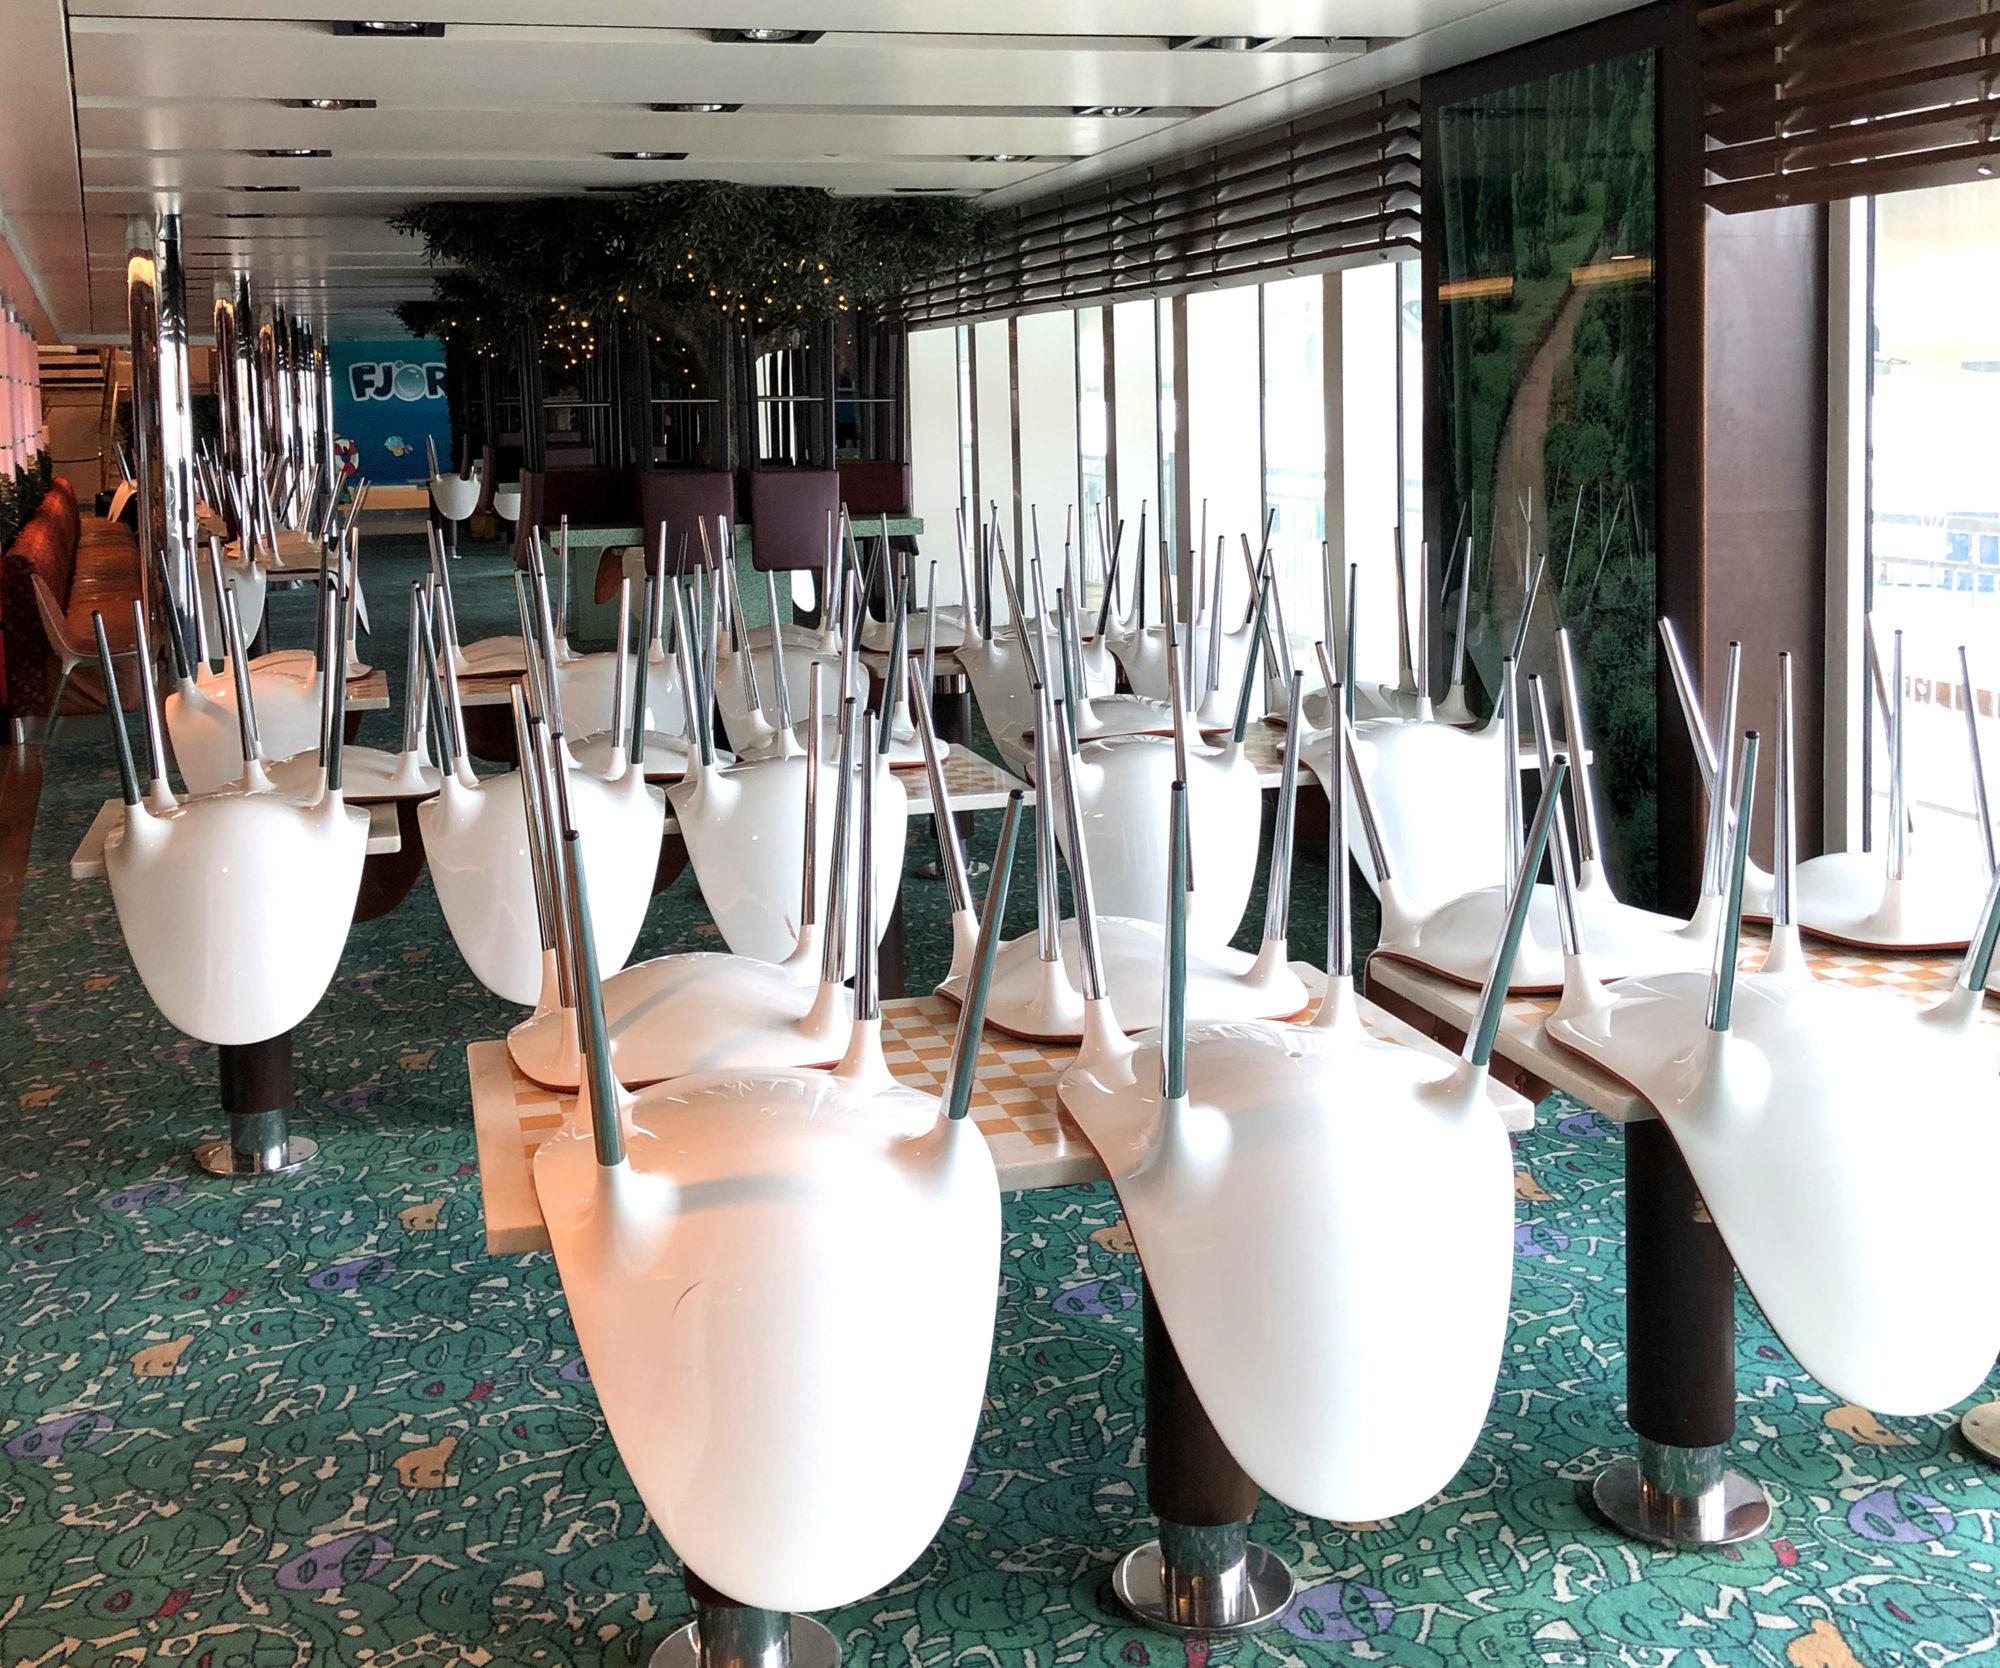 Mange stole, men ingen gæster. Det minder om et spøgelsesskib om bord på MS Bergensfjord. Lina Lägel Pedersen/Fjord LIne